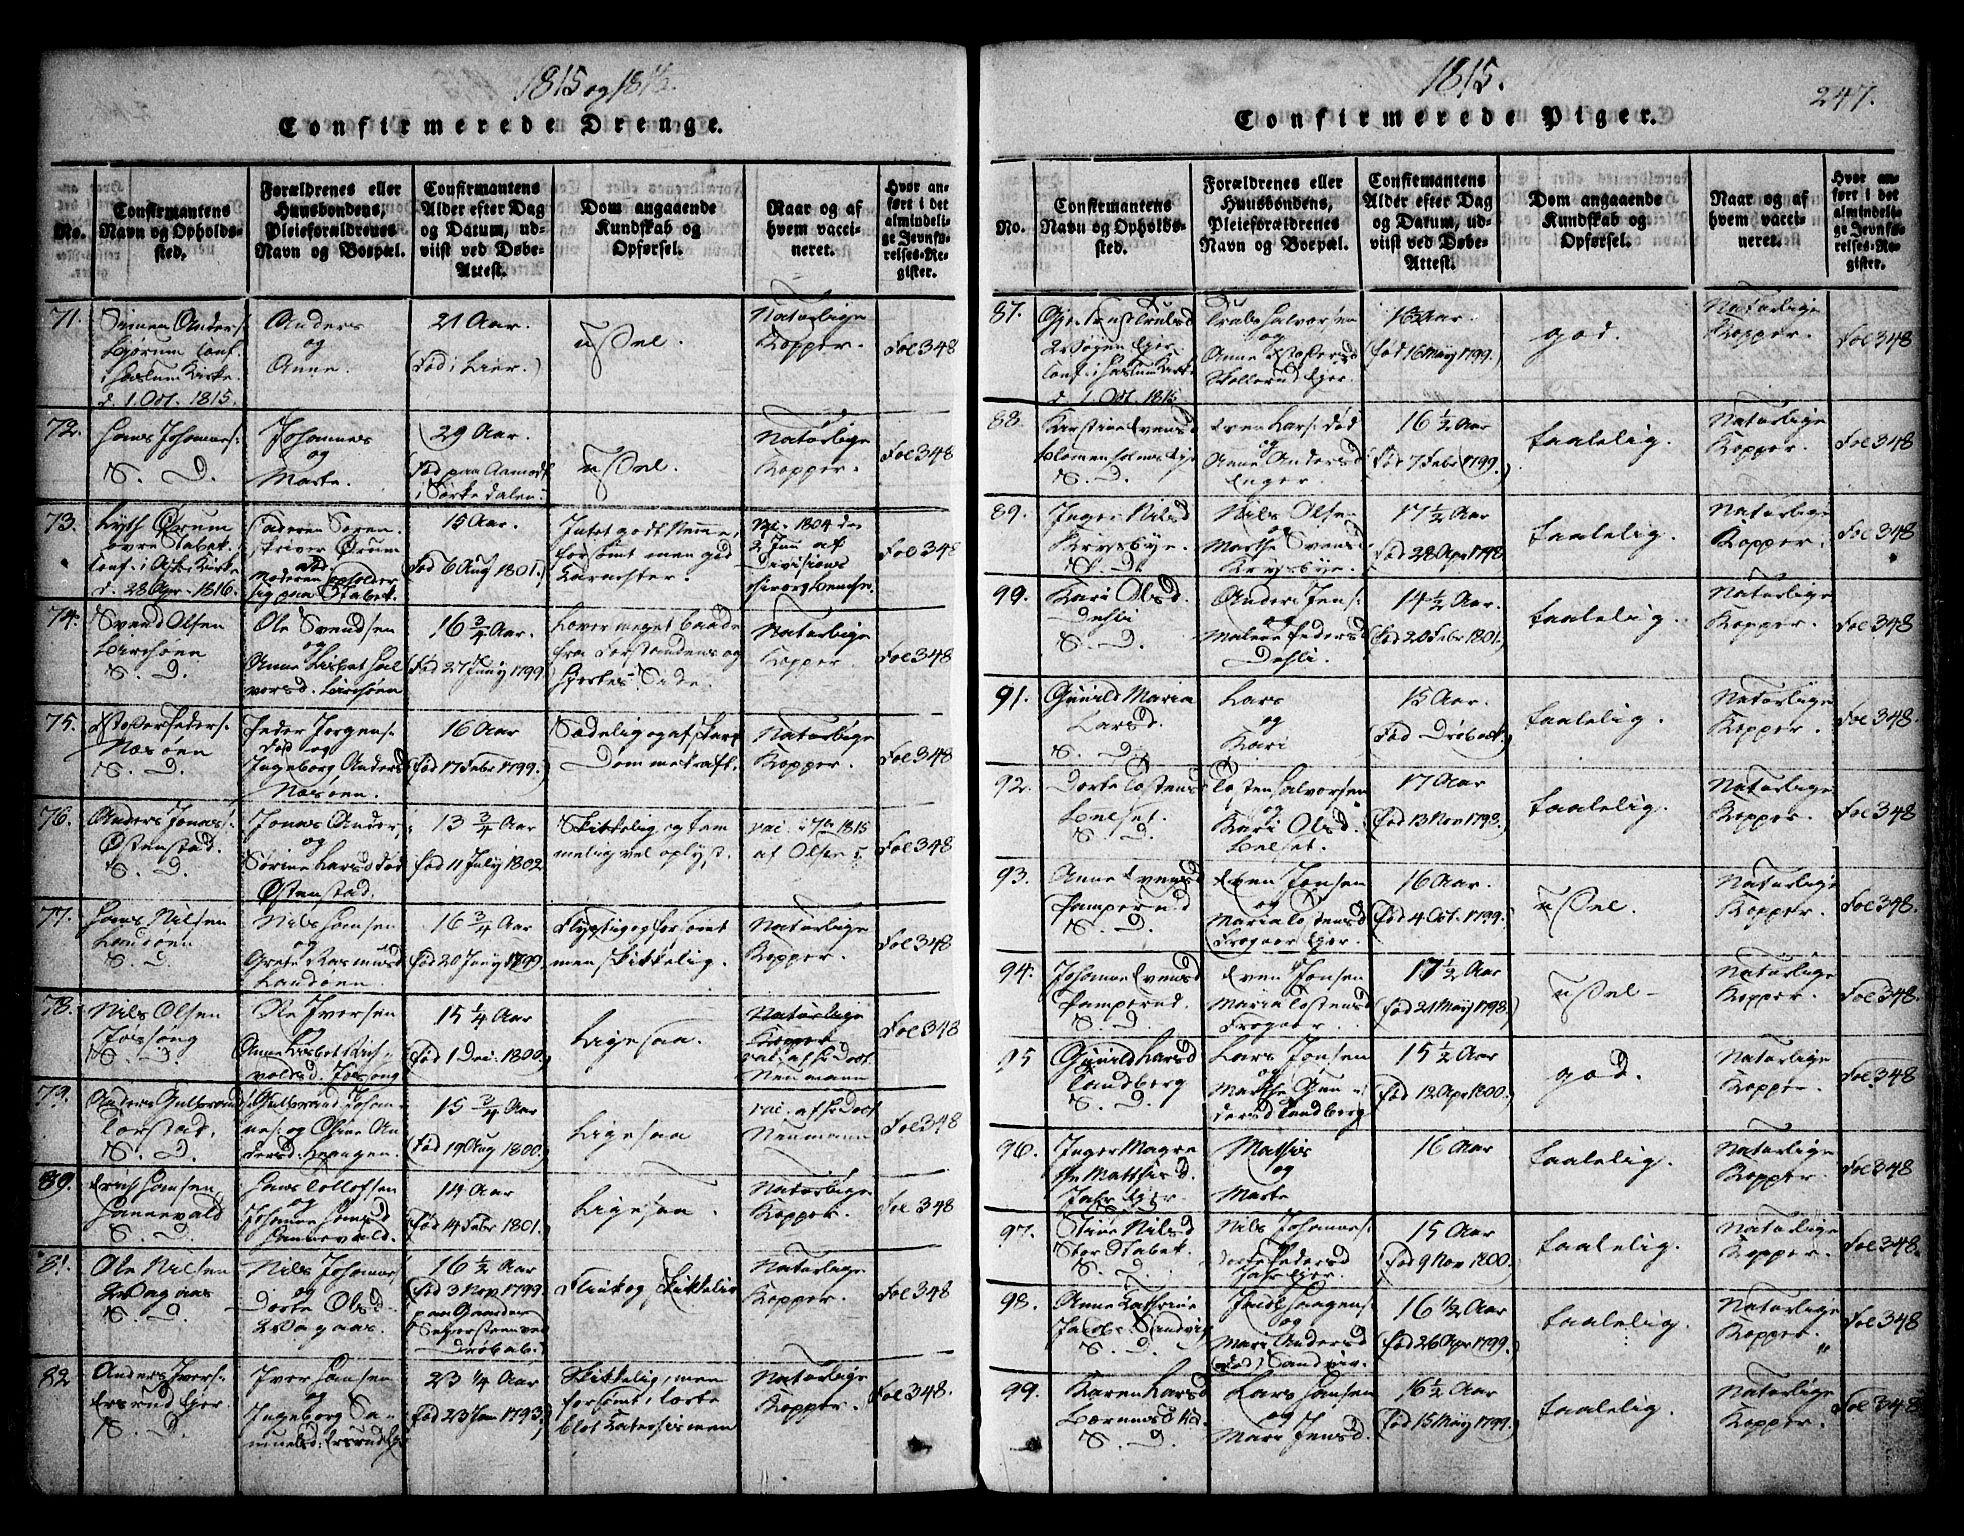 SAO, Asker prestekontor Kirkebøker, F/Fa/L0006: Ministerialbok nr. I 6, 1814-1824, s. 247